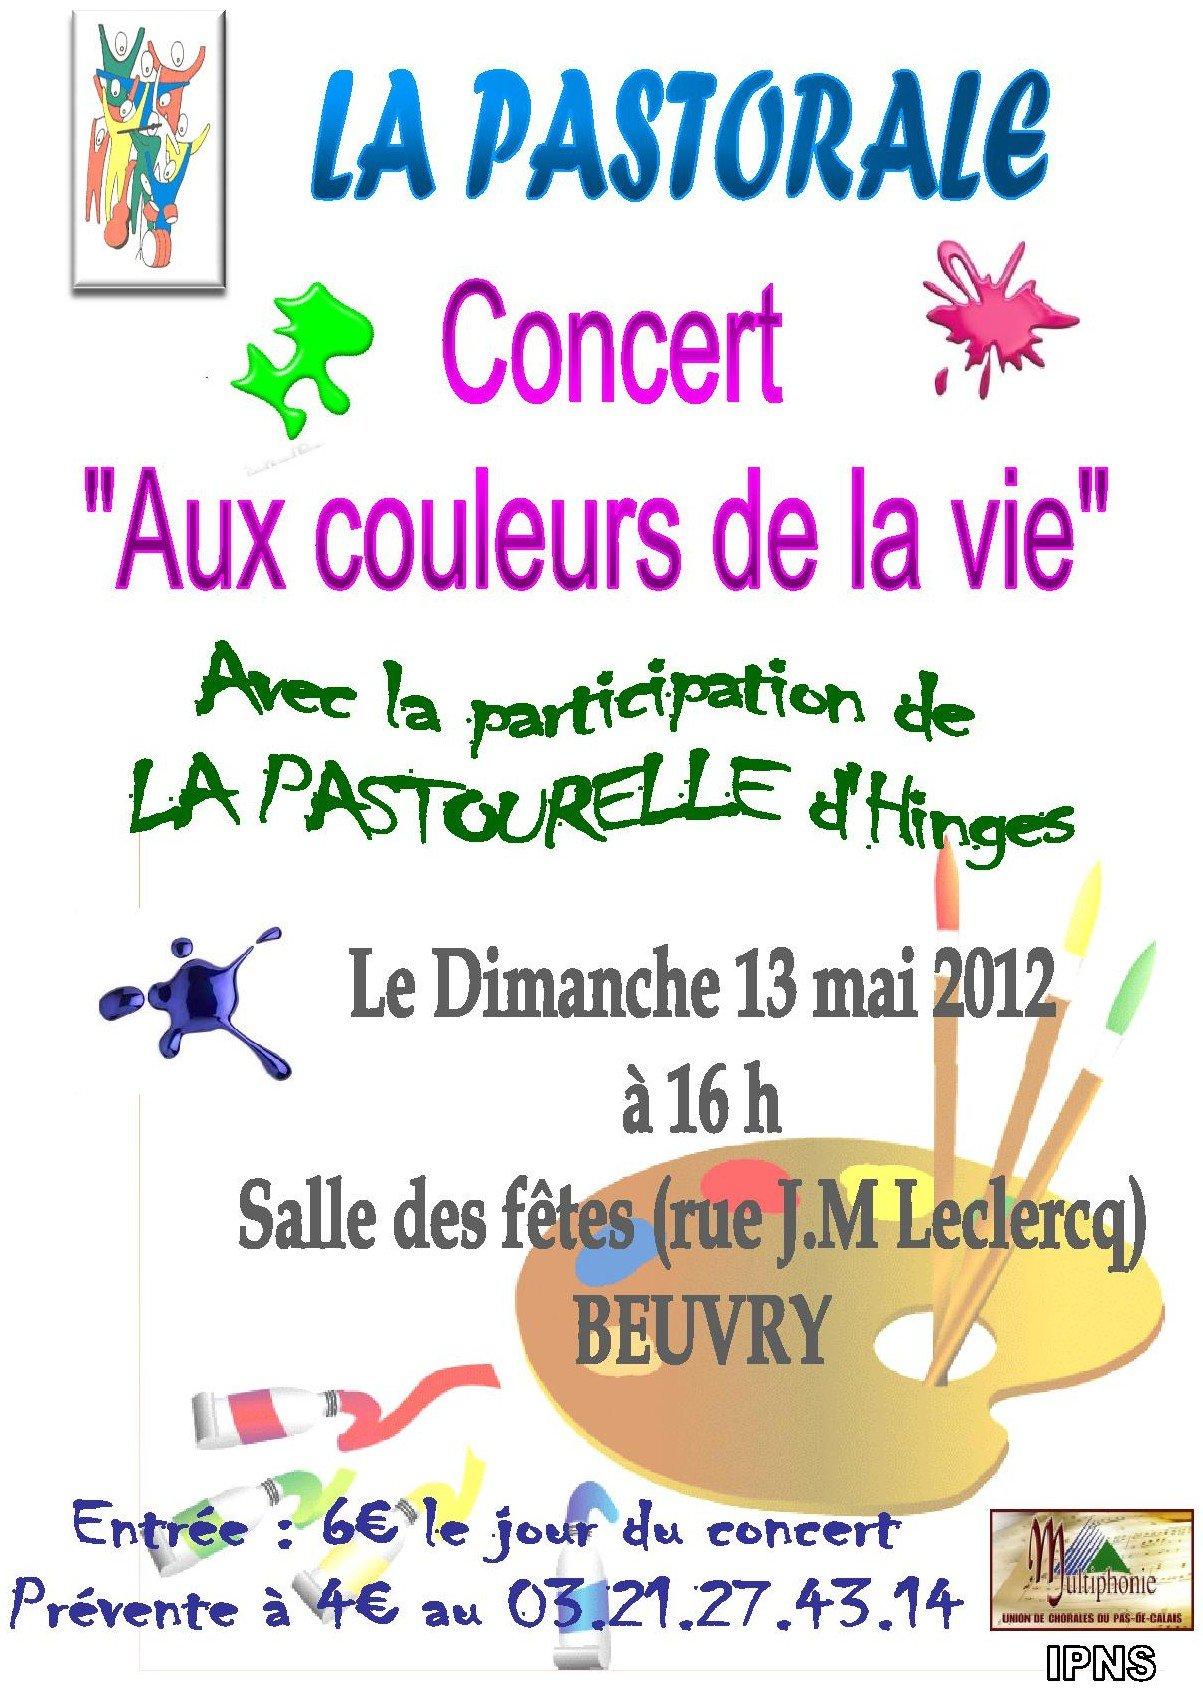 Concert de « La Pastorale » à Beuvry dans Associations Affiche-concert-PASTORALE-13-05-2012